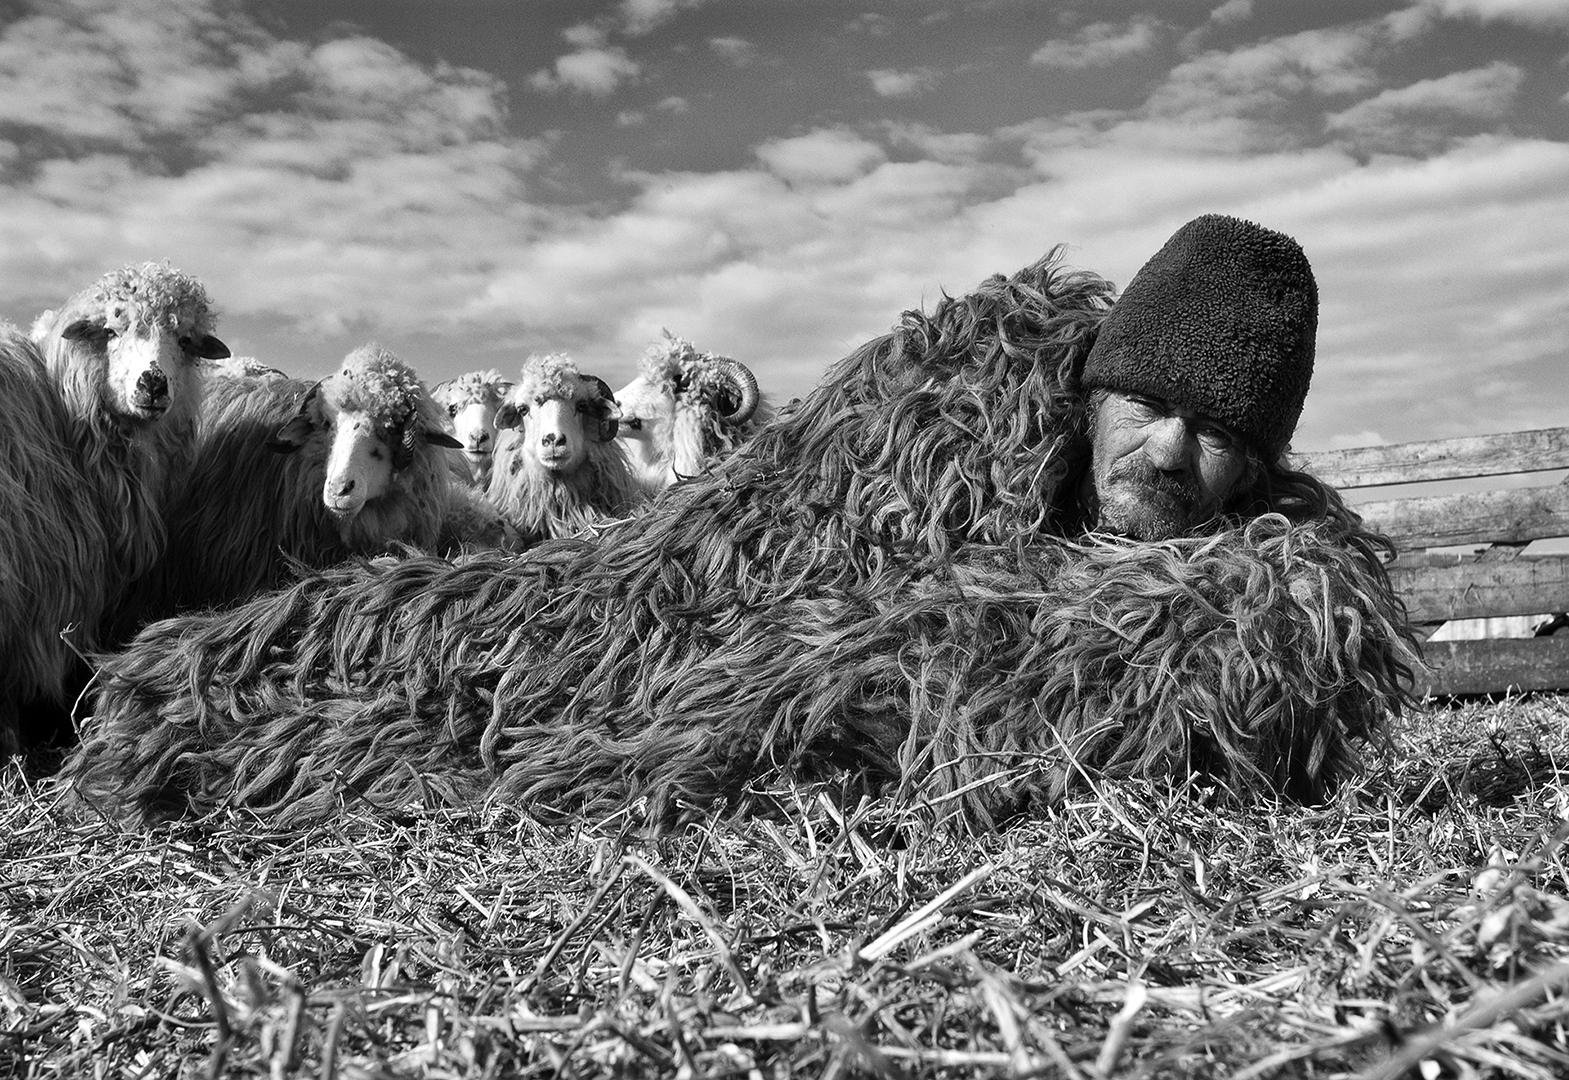 Sheep and shepherd, Søren Skov